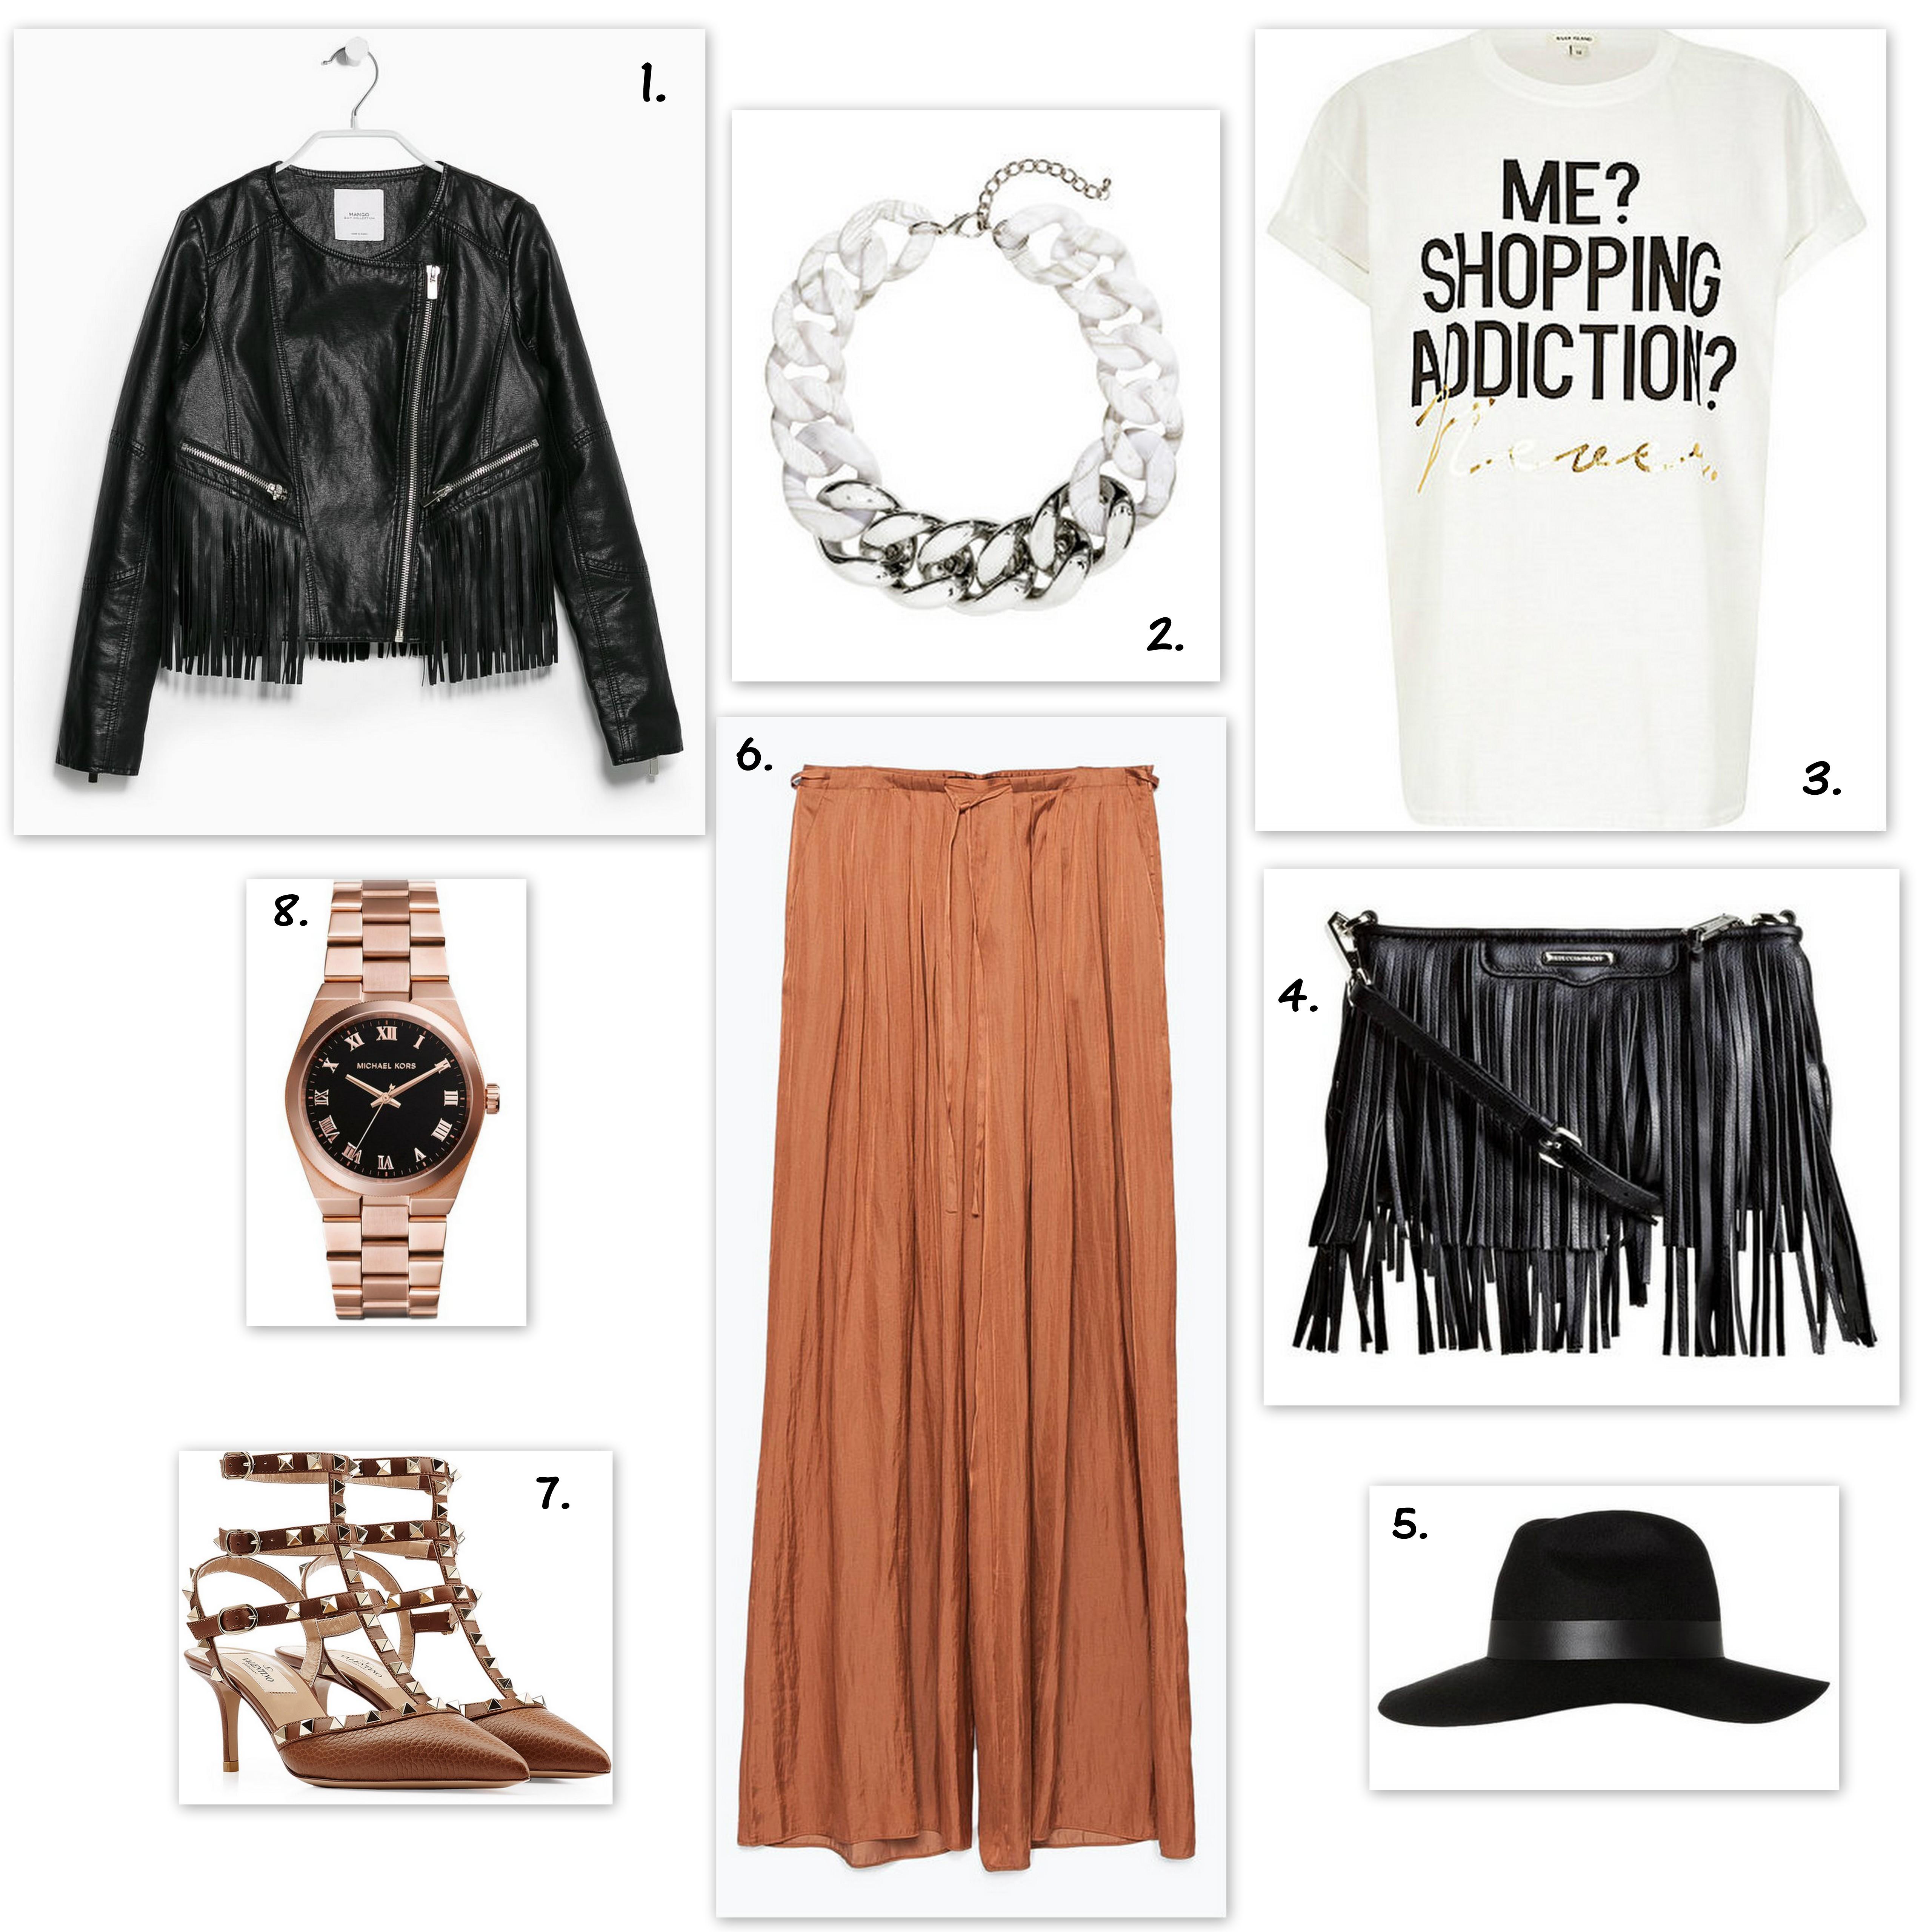 Mooffduty_Fashion_Shopping_Collage_Wishlist_Week_12